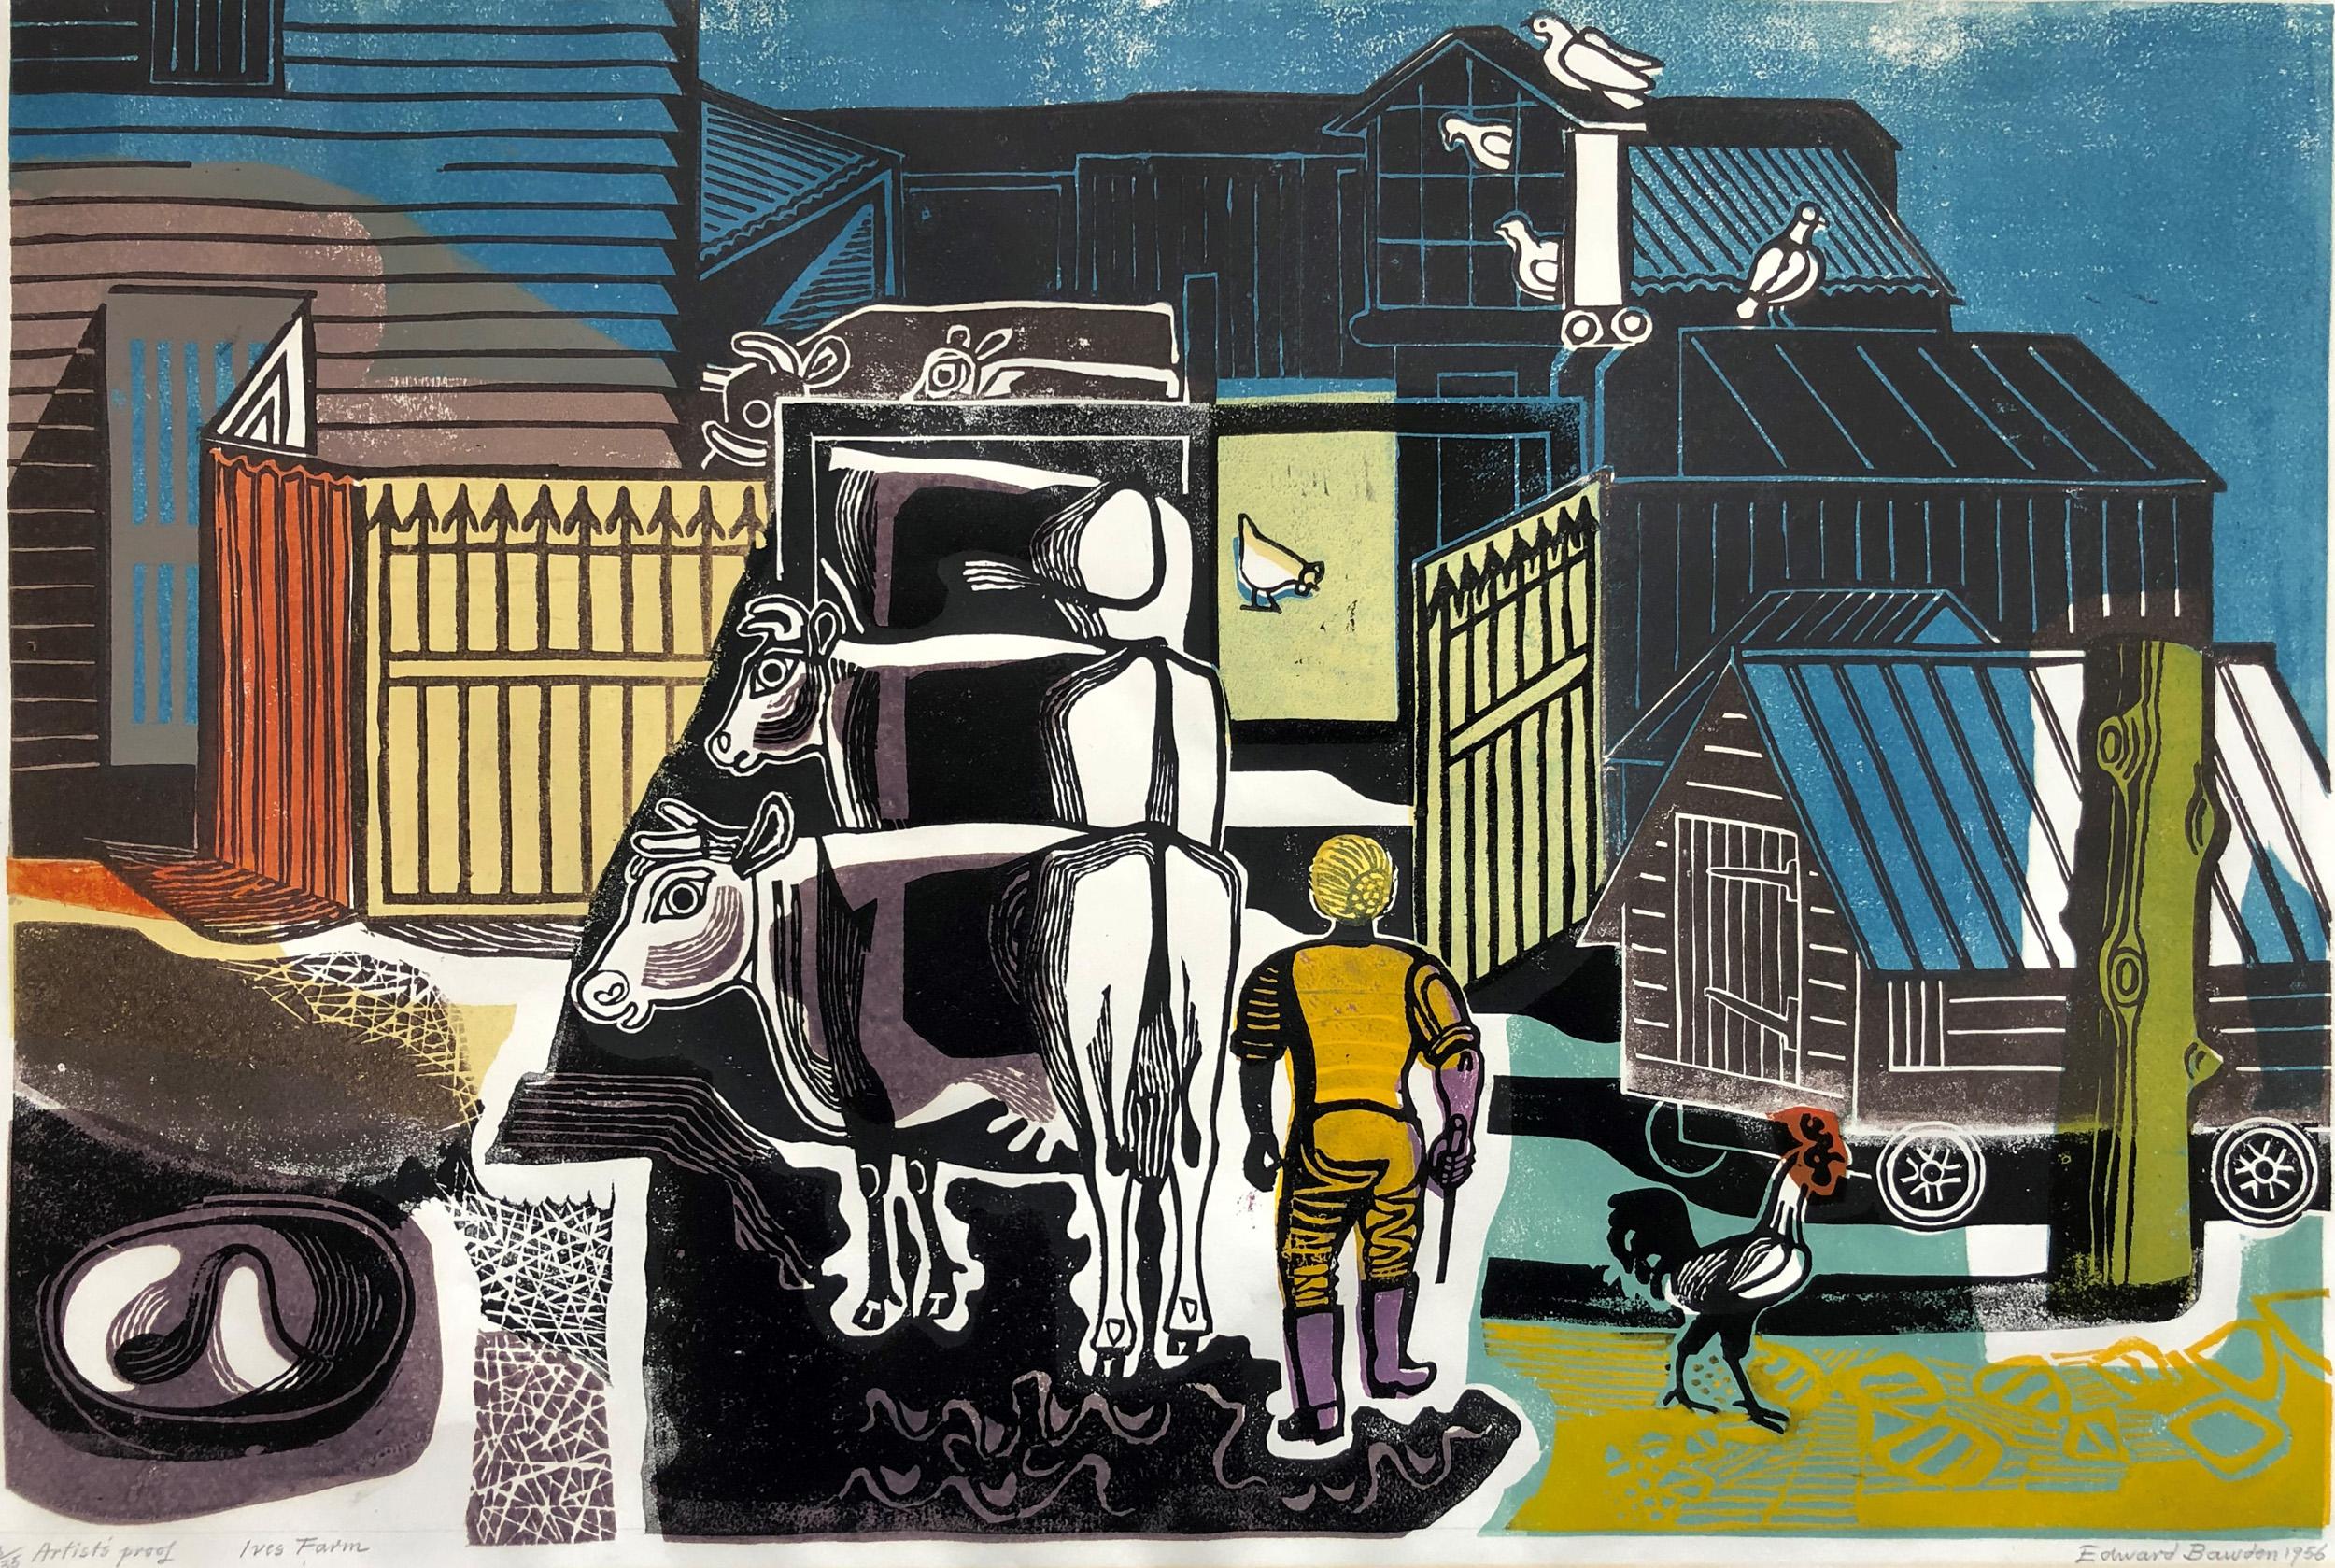 Ives Farm by Edward Bawden